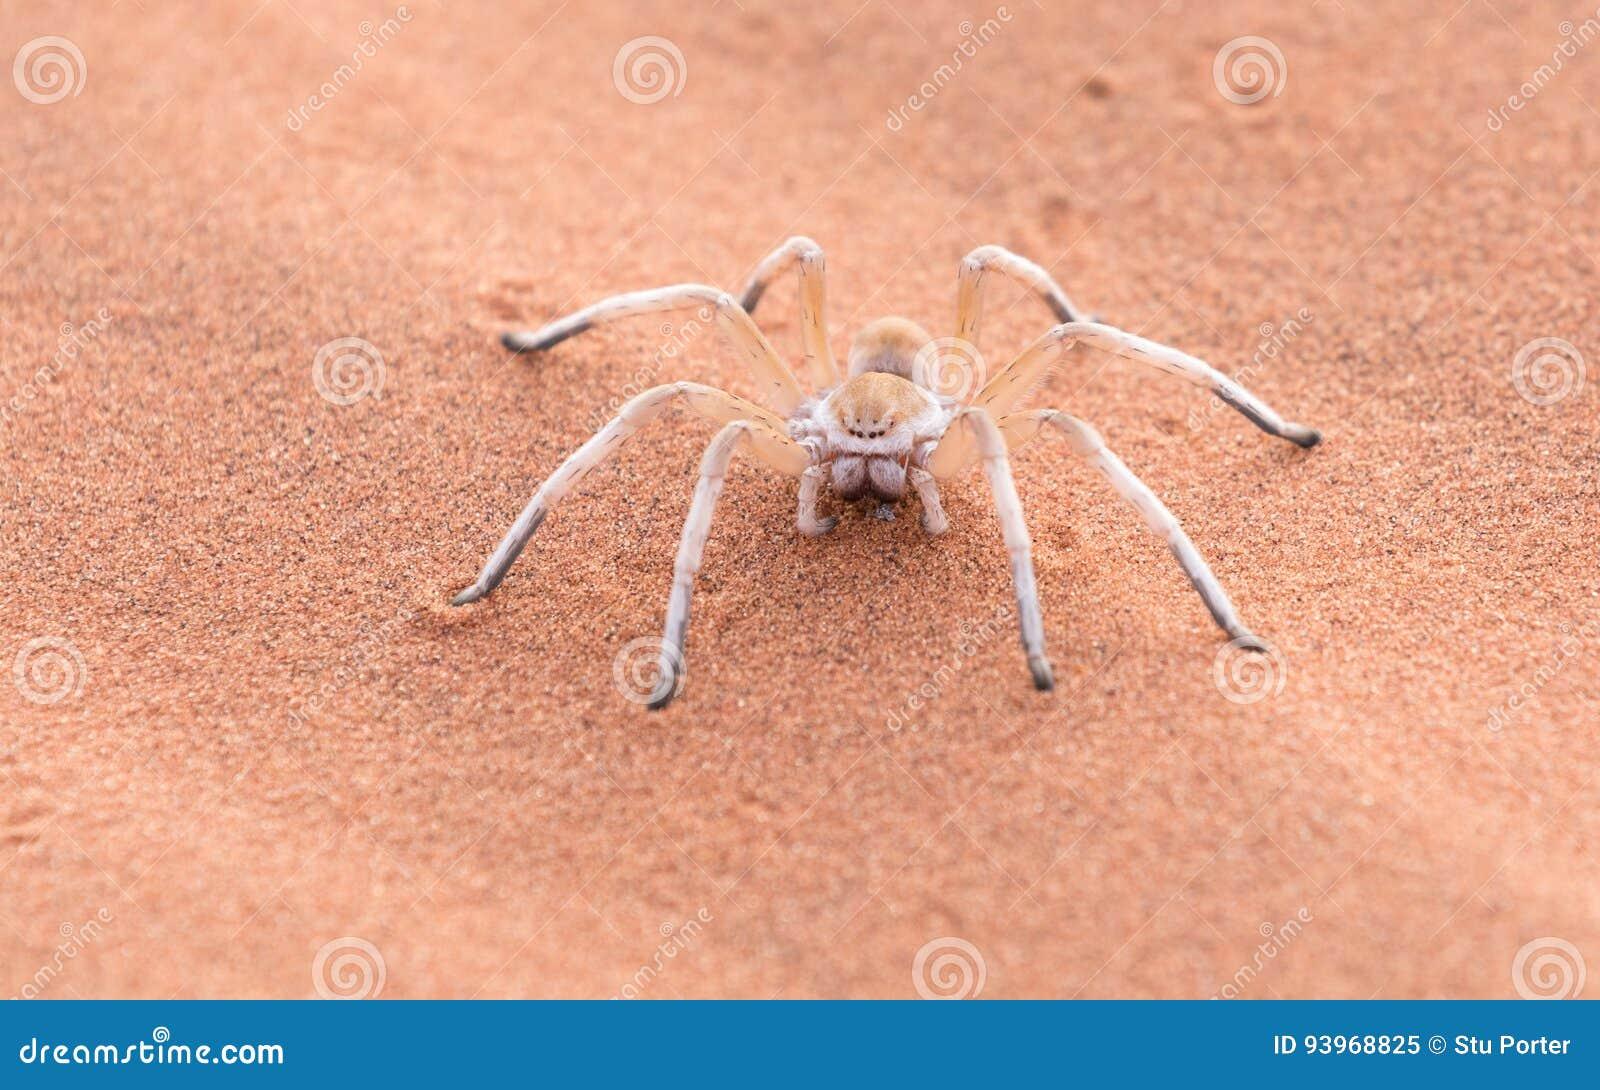 Madame blanche de danse Spider, Namibie, Afrique